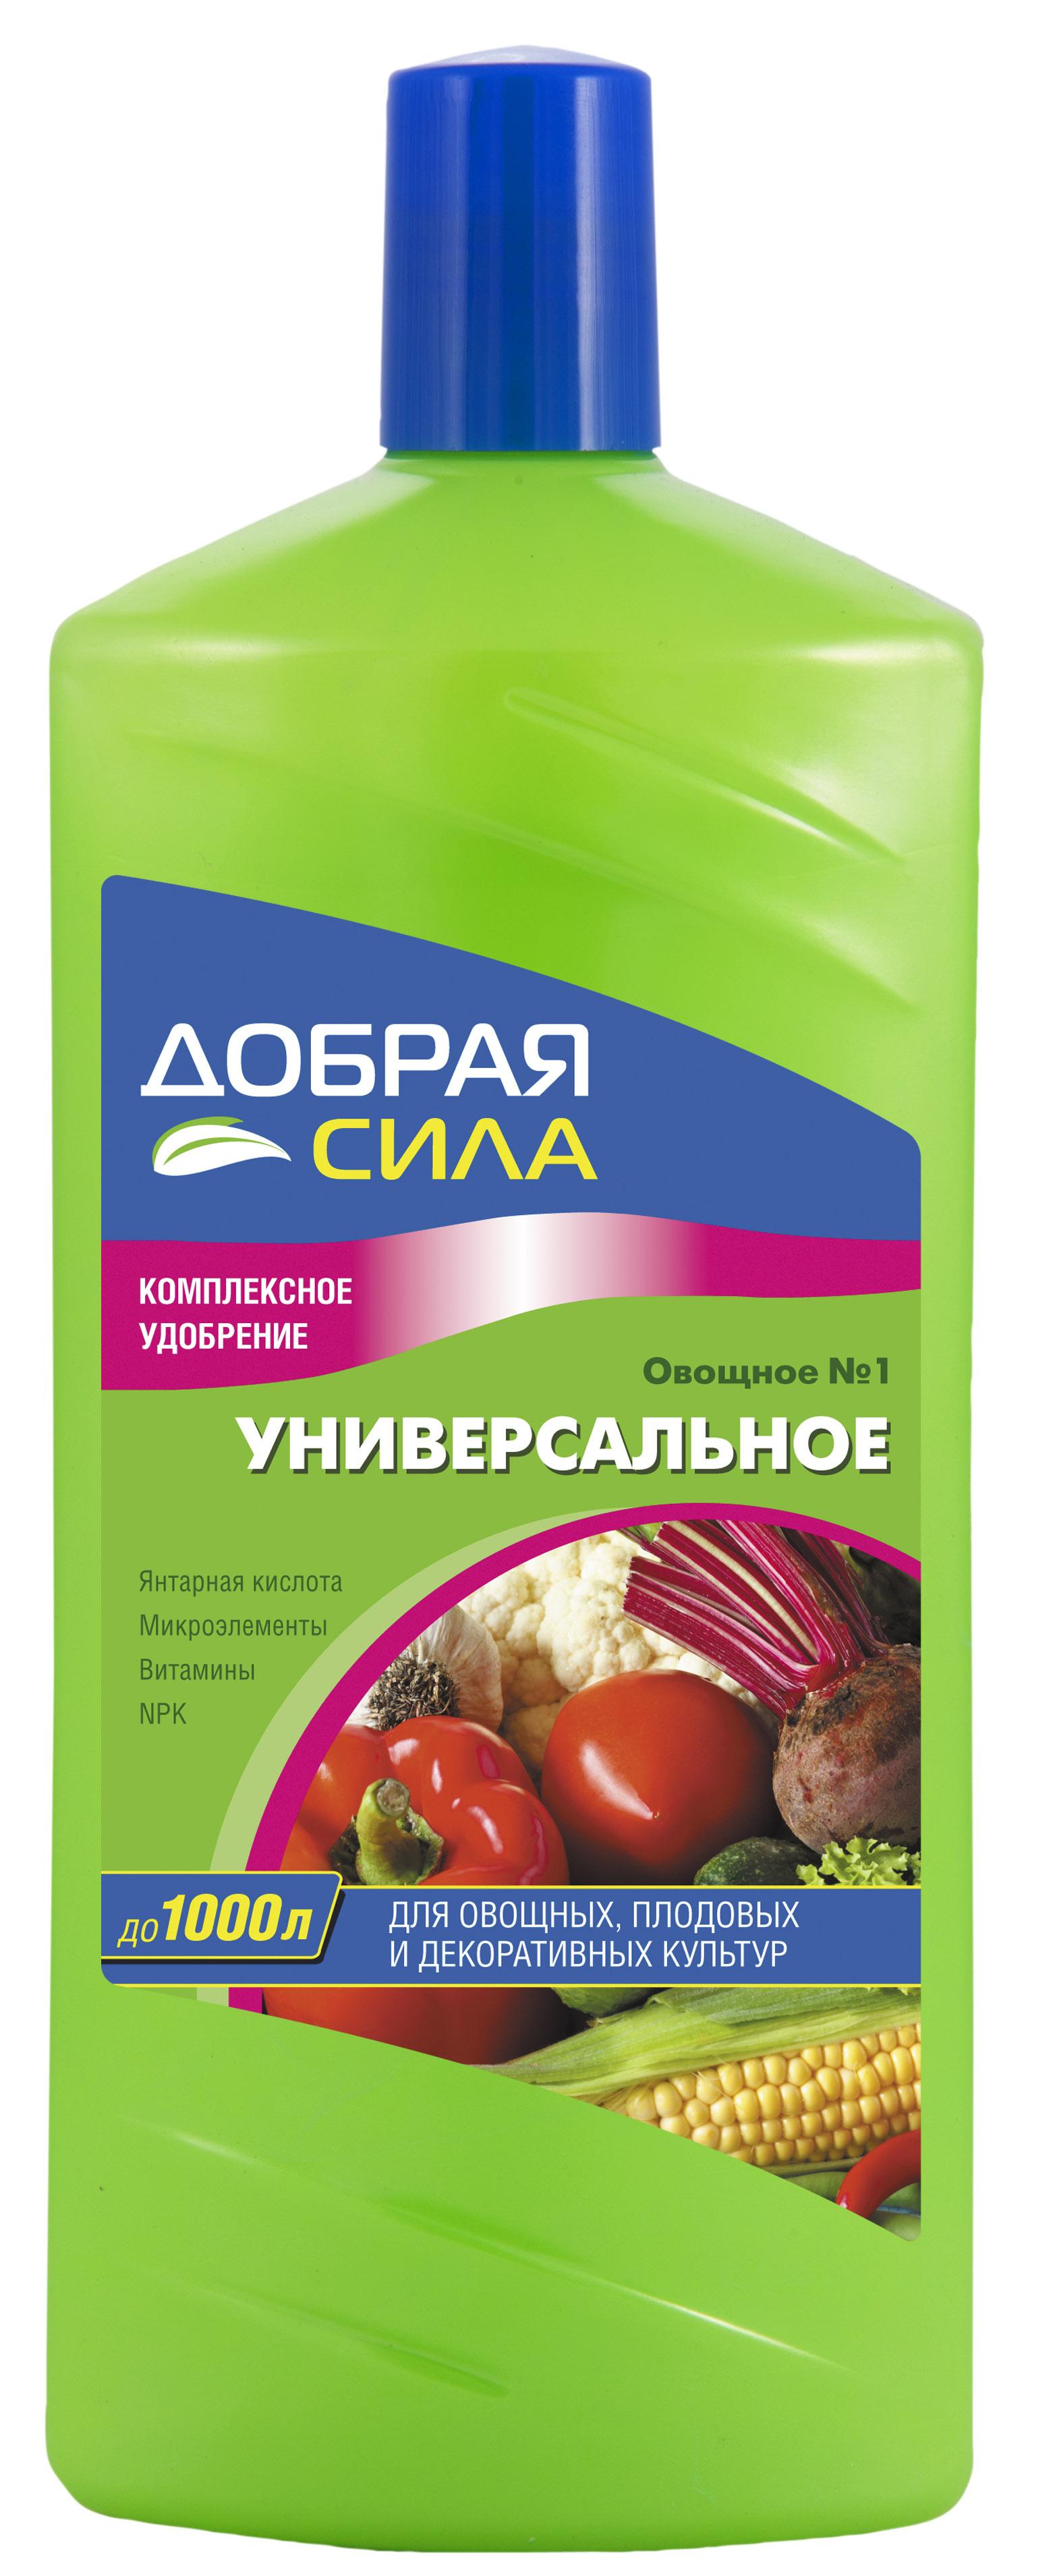 Жидкое комплексное удобрение Добрая Сила, универсальное, для овощных, плодовых и декоративных культур, 1 л7582811168/S343168ВОбеспечивает сбалансированное питание, стимулирует образование завязей, увеличивает урожай, оздоравливает корневую систему растений. Удобрение содержит полный комплекс веществ, необходимых для полноценного питания растений: -высокая доля (11 %) основных элементов (NPK), обеспечивающих усиленное питание для растений; Г-уминовые кислоты способствуют активизации роста растений и повышают стрессоустойчивость; -комплекс основных микроэлементов в хелатной форме способствует полному их усвоению и пролонгированному действию; -комплекс витаминов для поддержания и укрепления иммунной системы растений; -регулятор роста для стимулирования роста растений.